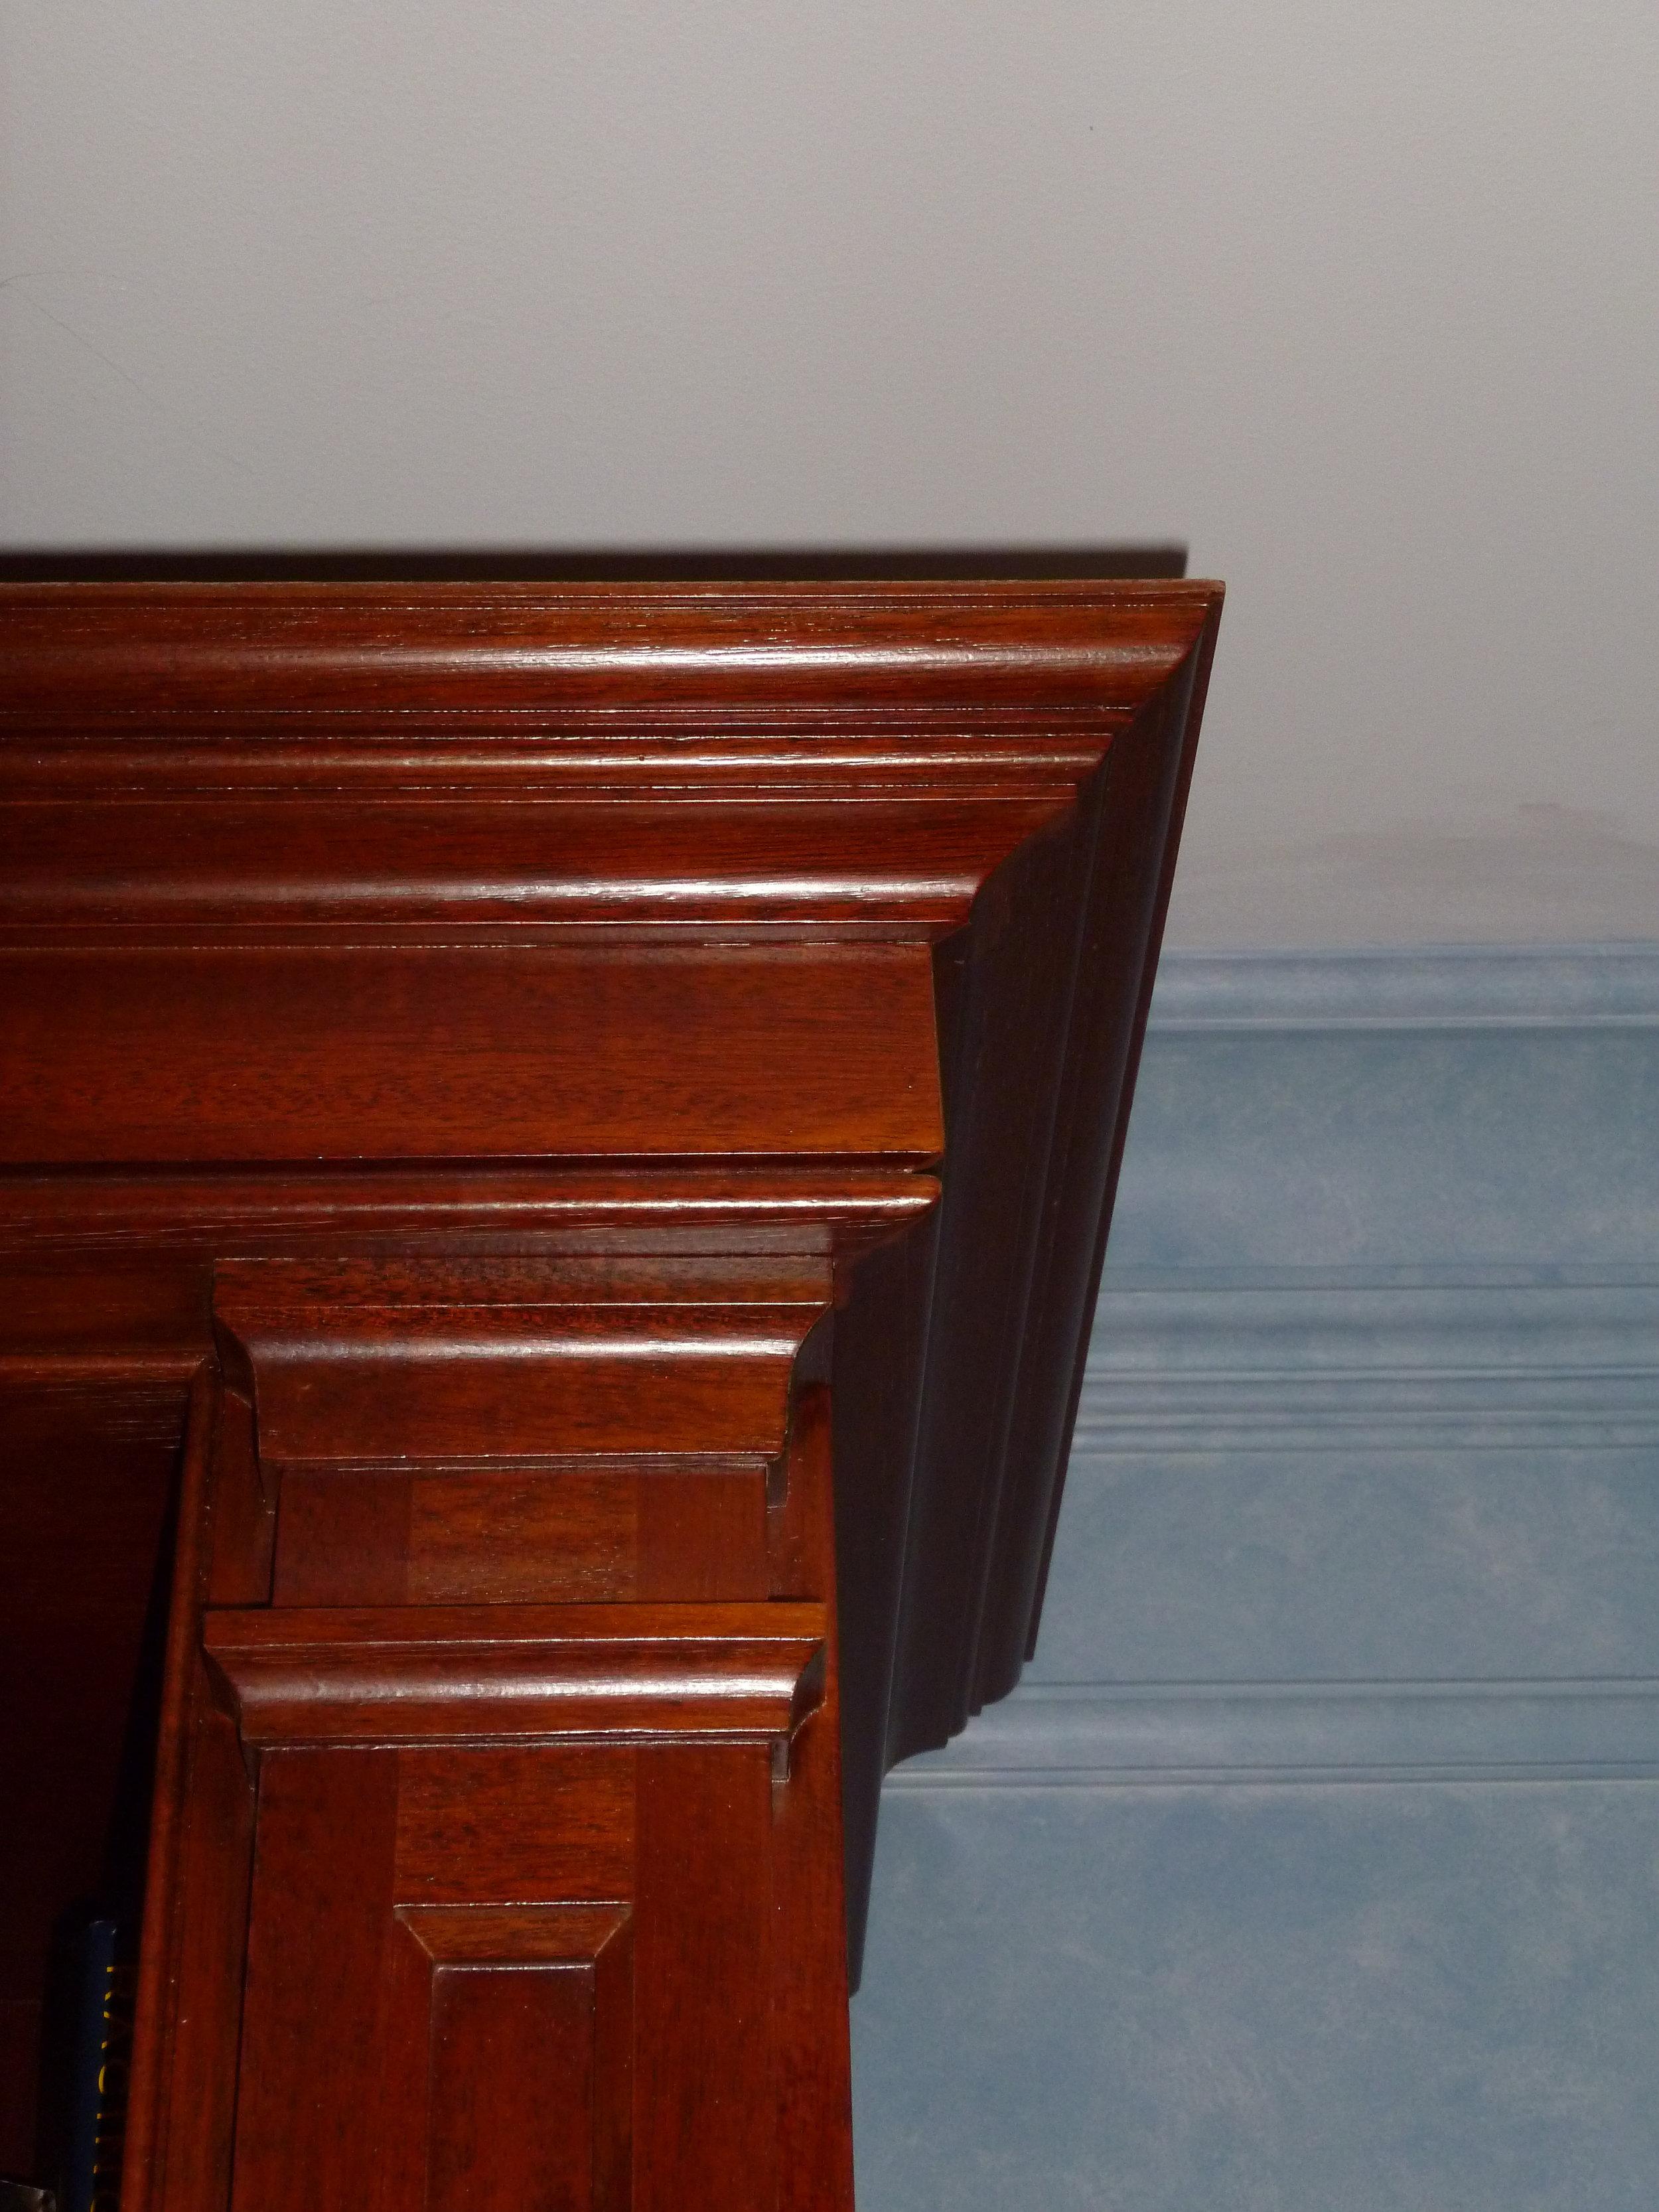 furniture_detail.jpg